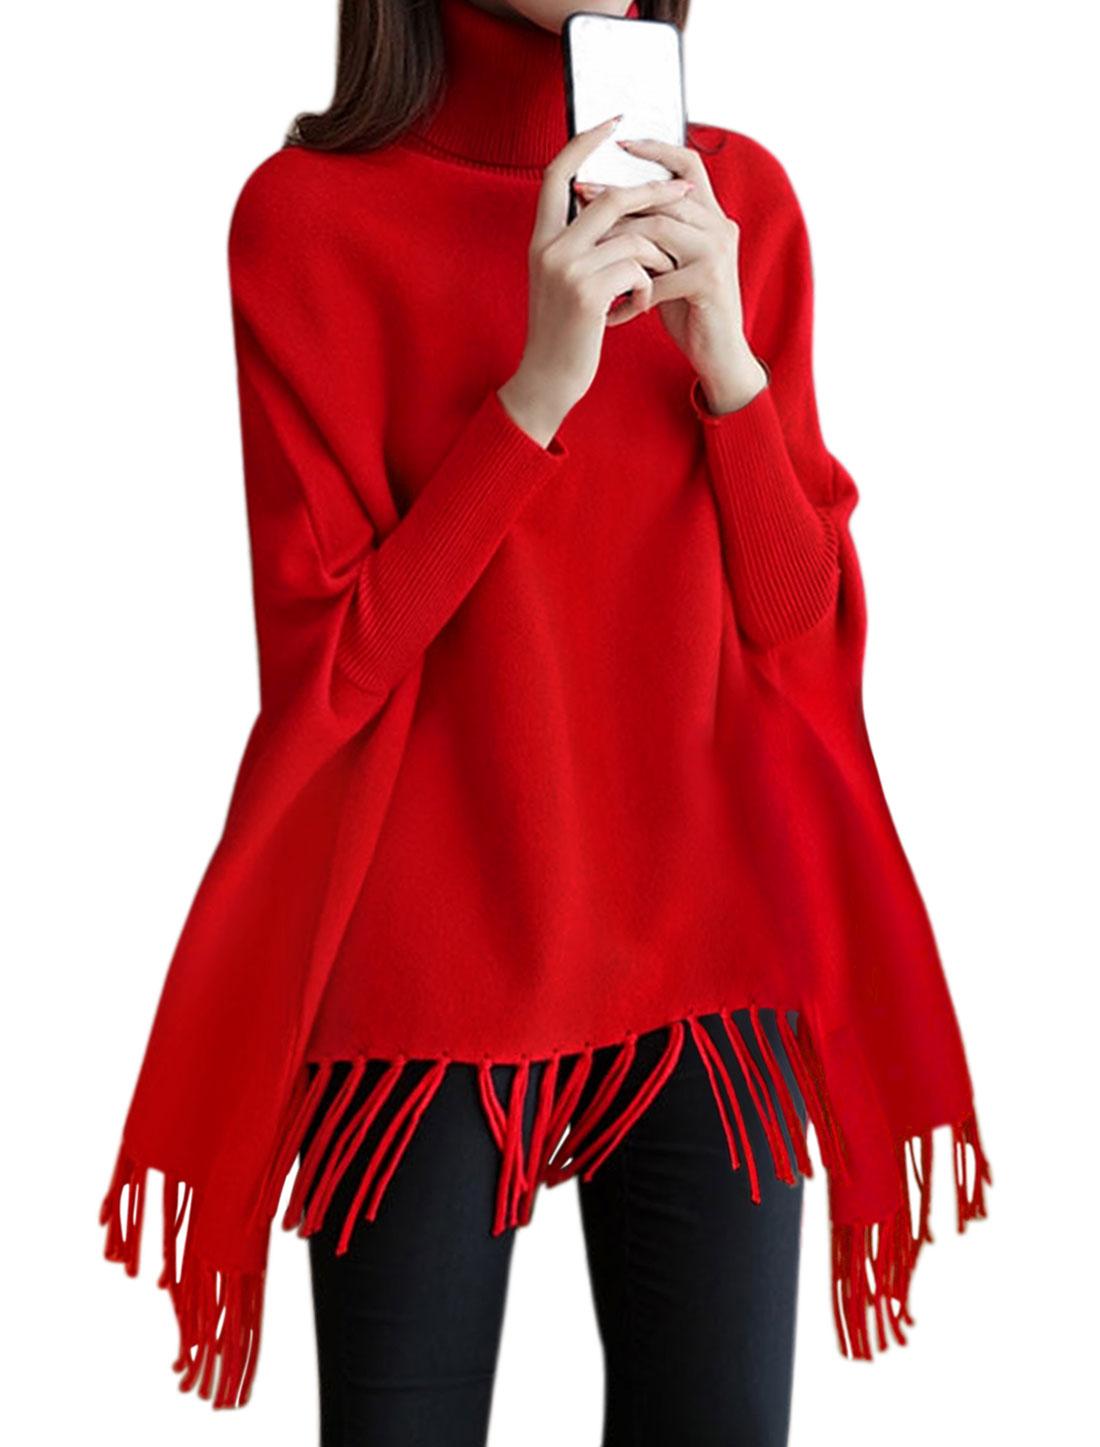 Women Turtle Neck Dolman Sleeves Tassels Hem Loose Tunic Knit Top Red S